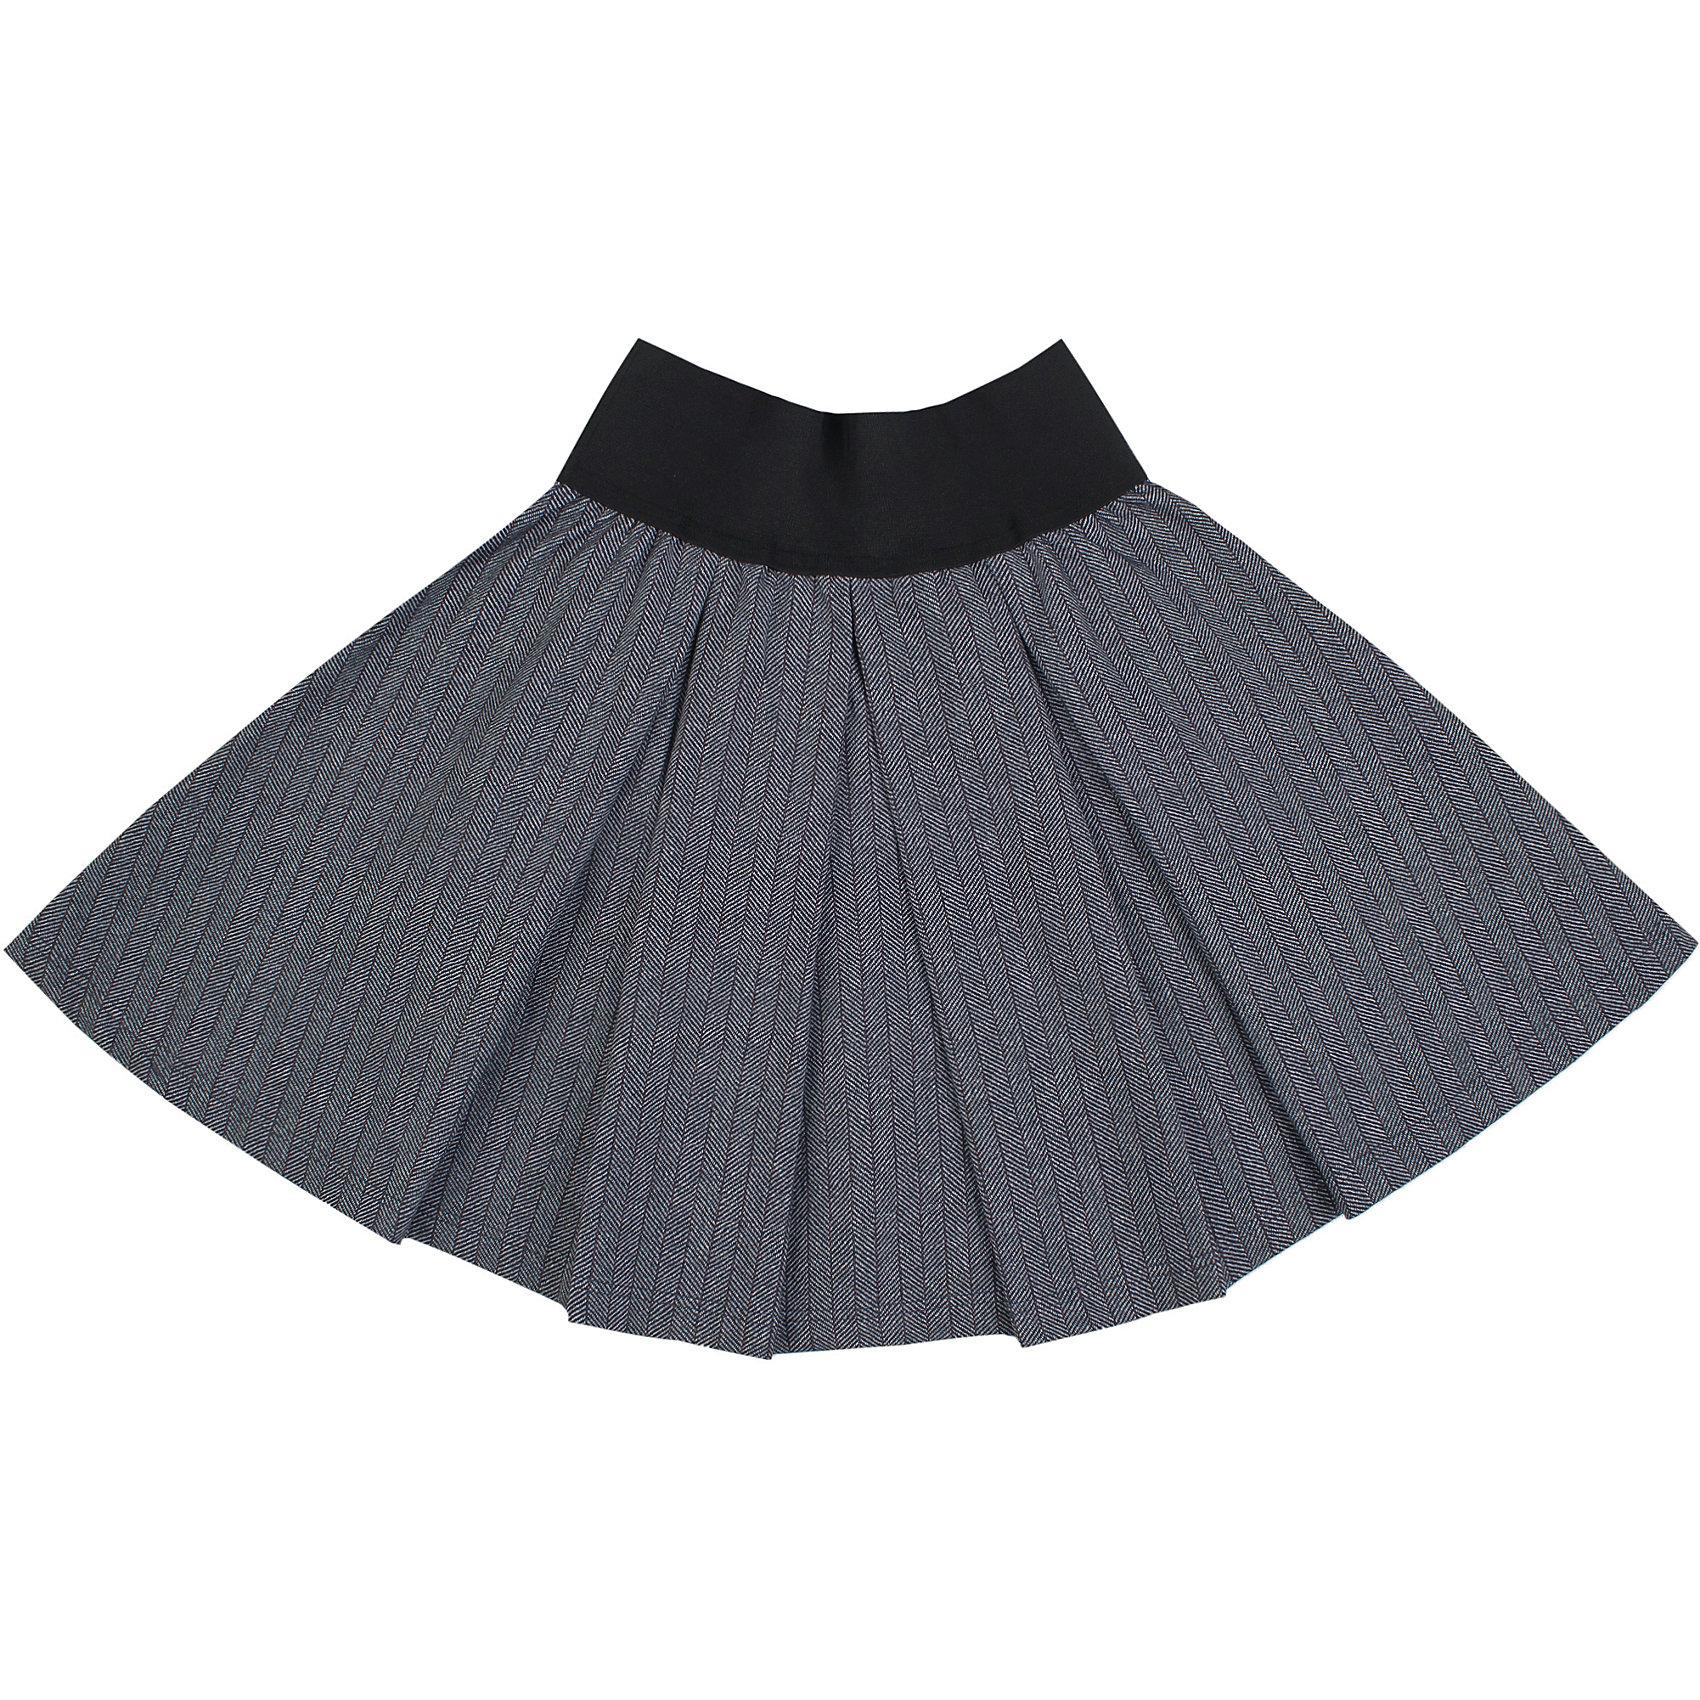 Юбка для девочки АпрельЮбки<br>Характеристики товара:<br><br>• цвет: серый<br>• состав ткани: хлопок 95%, лайкра 5%<br>• особенности: школьная<br>• пояс: резинка<br>• сезон: круглый год<br>• страна бренда: Россия<br>• страна изготовитель: Россия<br><br>Расклешенная юбка в клетку поможет ребенку выглядеть стильно и соответствовать школьному дресс-коду. Такая юбка - отличный вариант практичной и стильной школьной одежды. <br><br>Серая юбка для девочки Апрель украшена крупными складками. Школьная одежда от компании Апрель - это удобно и красиво.<br><br>Юбку для девочки Апрель можно купить в нашем интернет-магазине.<br><br>Ширина мм: 207<br>Глубина мм: 10<br>Высота мм: 189<br>Вес г: 183<br>Цвет: серый<br>Возраст от месяцев: 72<br>Возраст до месяцев: 84<br>Пол: Женский<br>Возраст: Детский<br>Размер: 122,146,128,134,140<br>SKU: 6942252